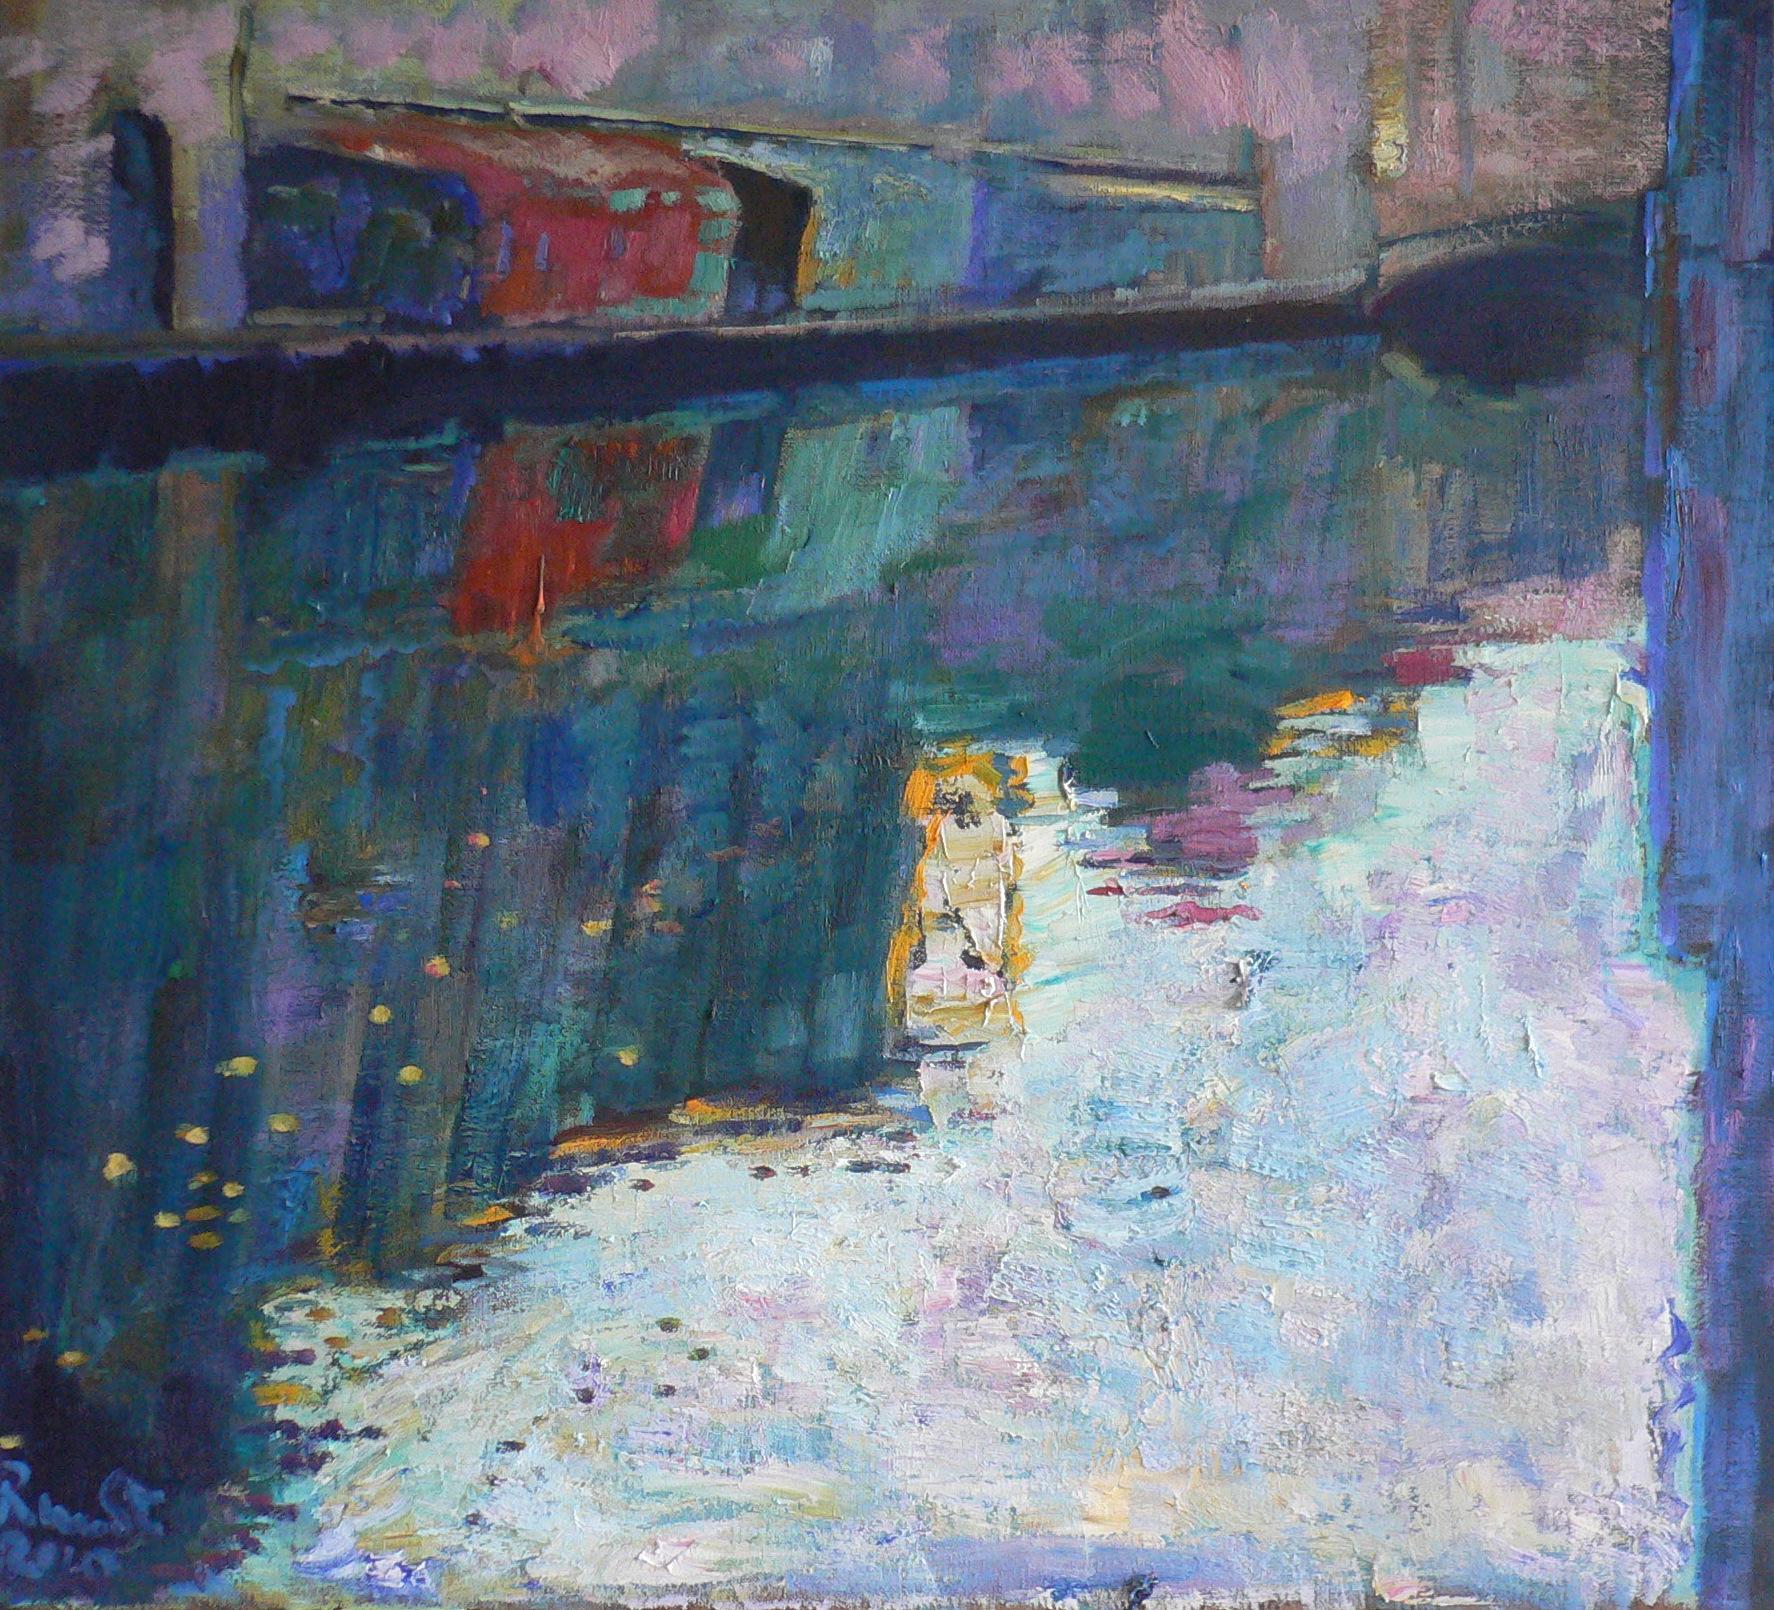 canal àt Chioggia (Venice) Italiy oil on canvas 100x90 cm 2010 SOLD coll Stefano Montecelli